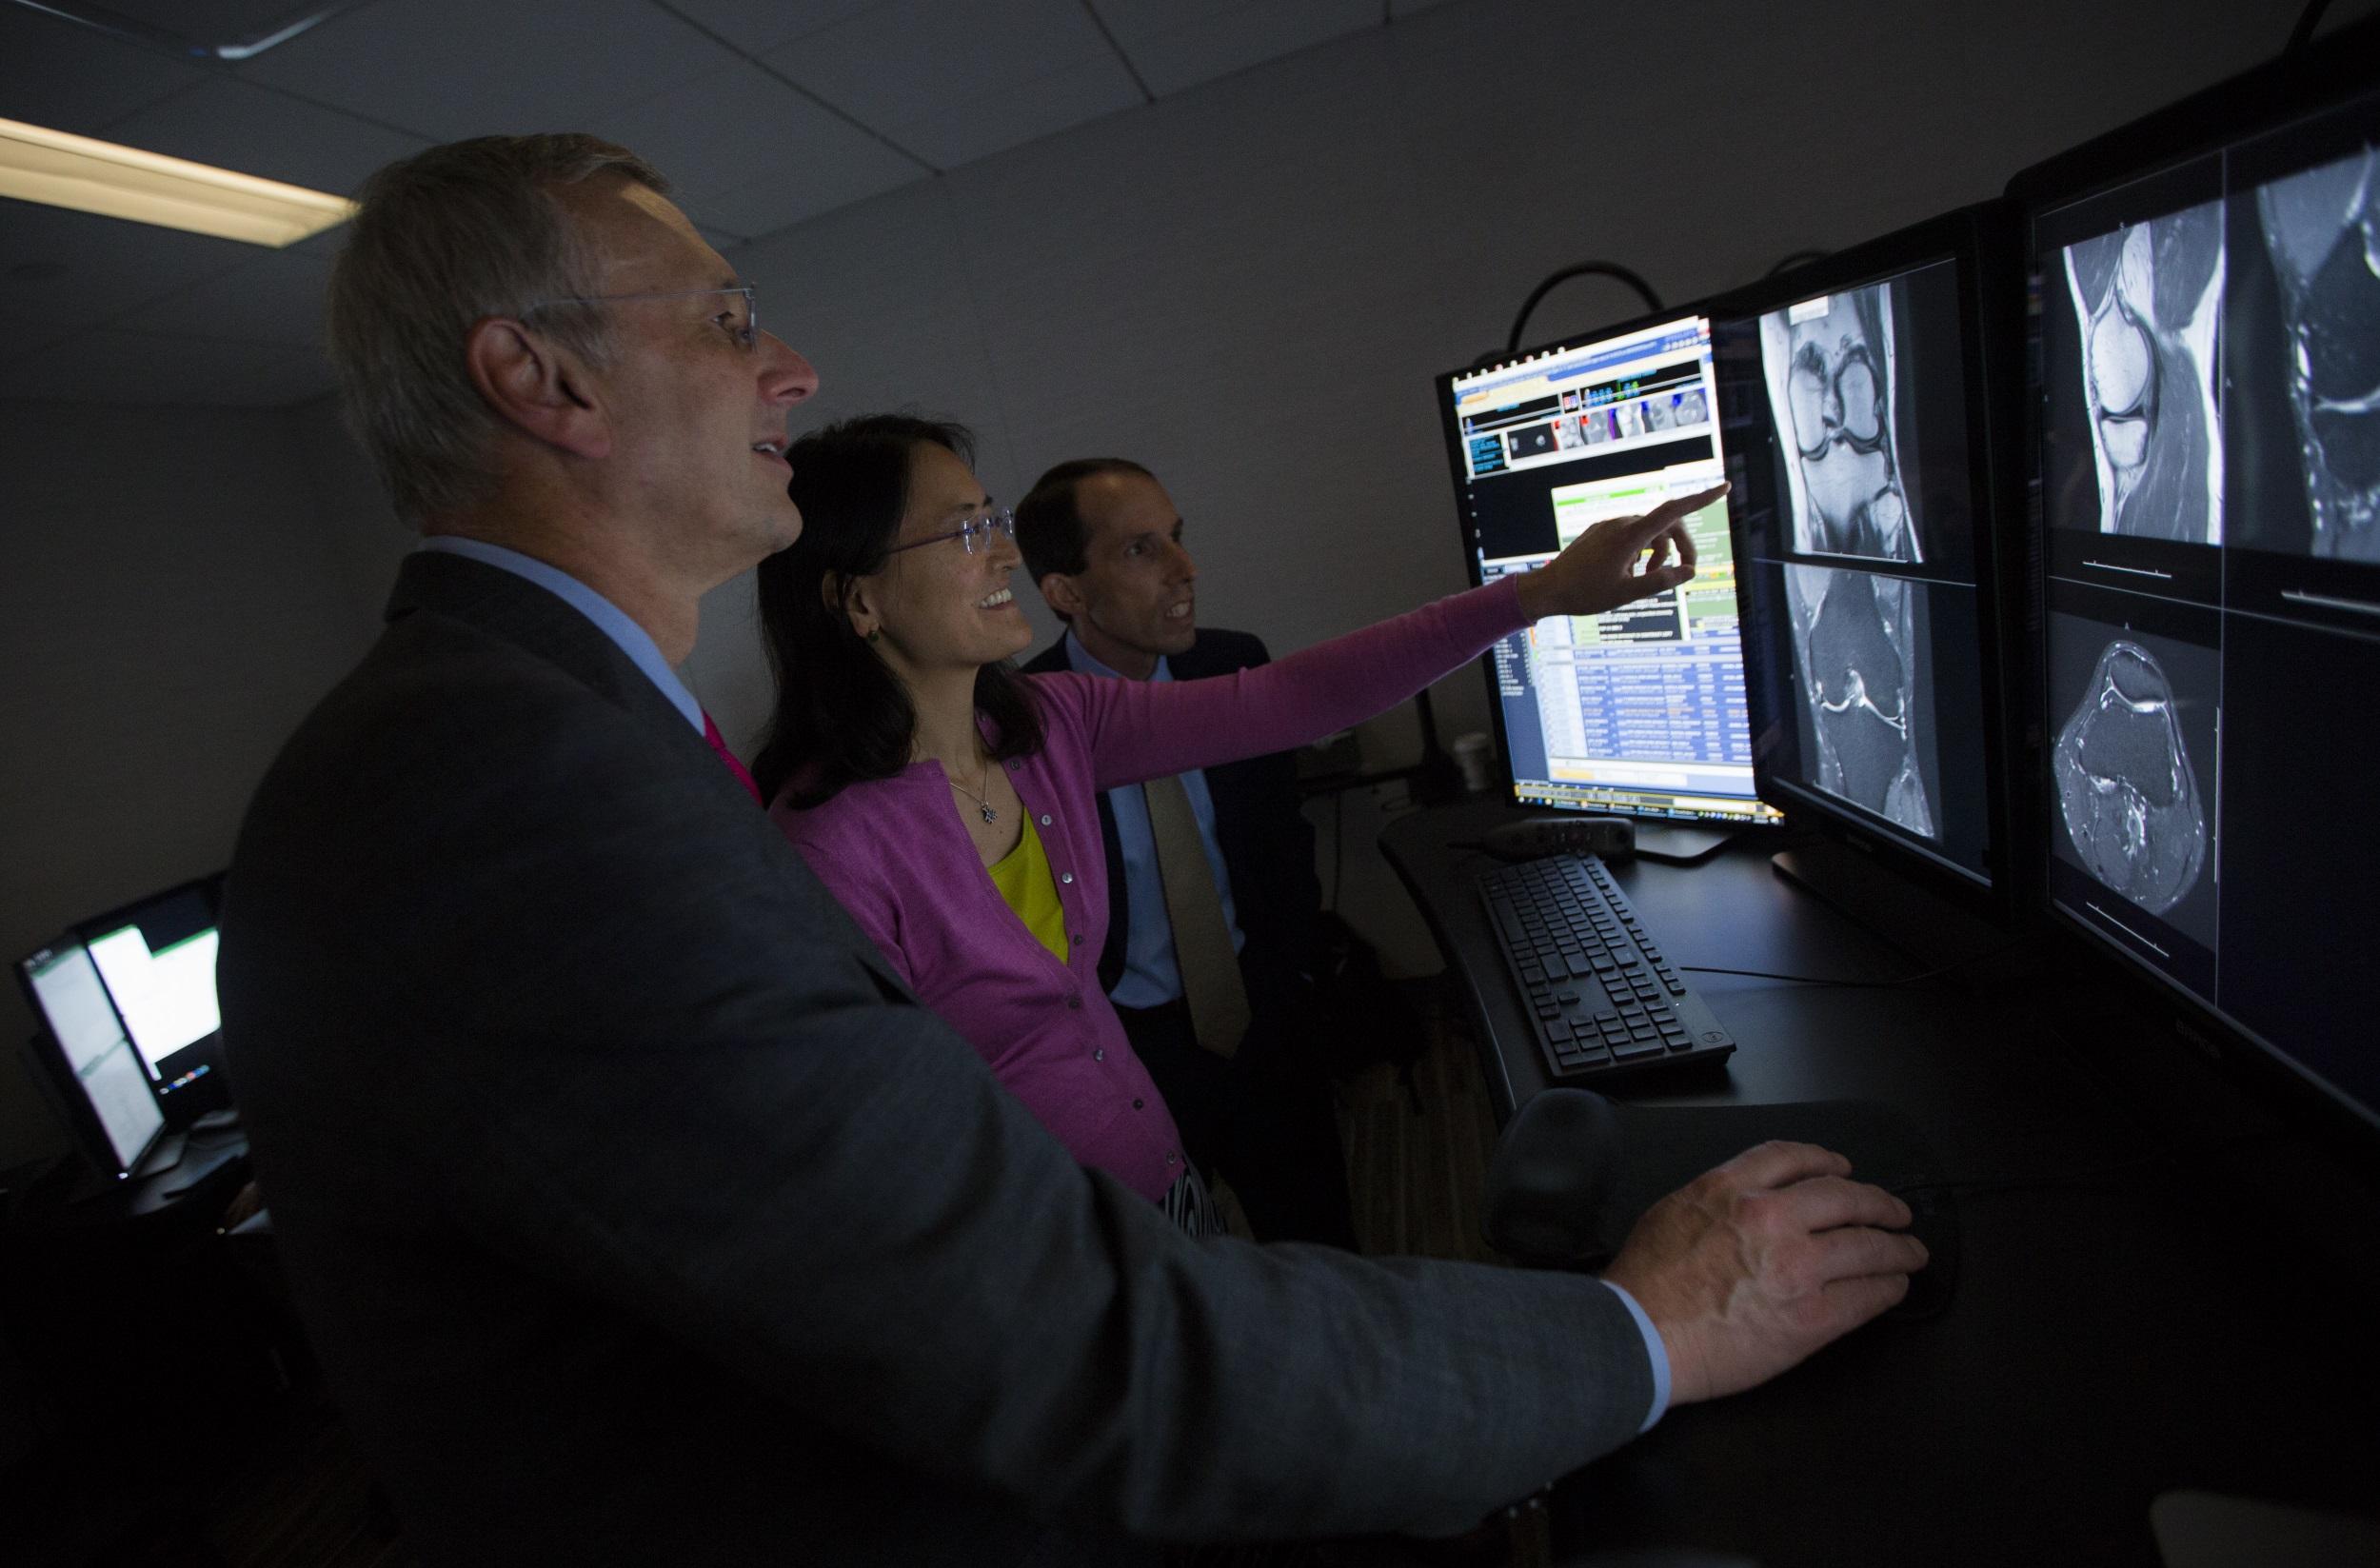 Công nghệ cộng hưởng từ MRI